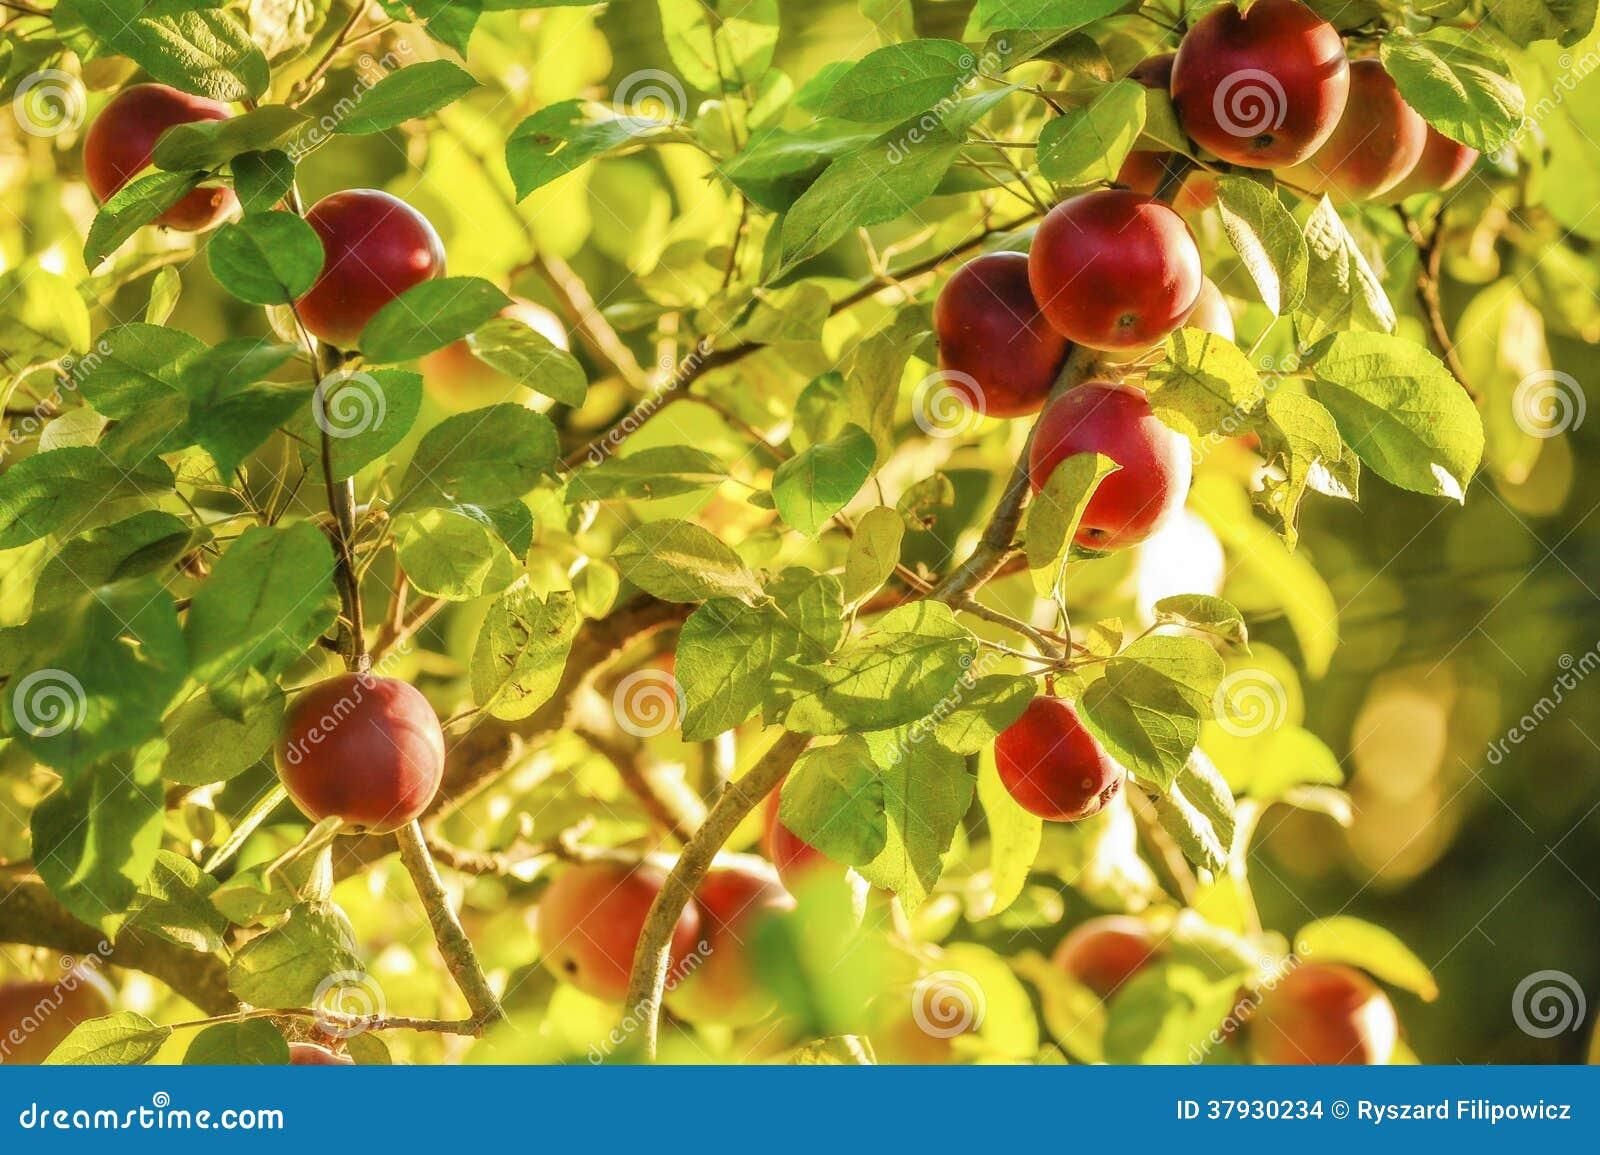 Яблоки на дереве.